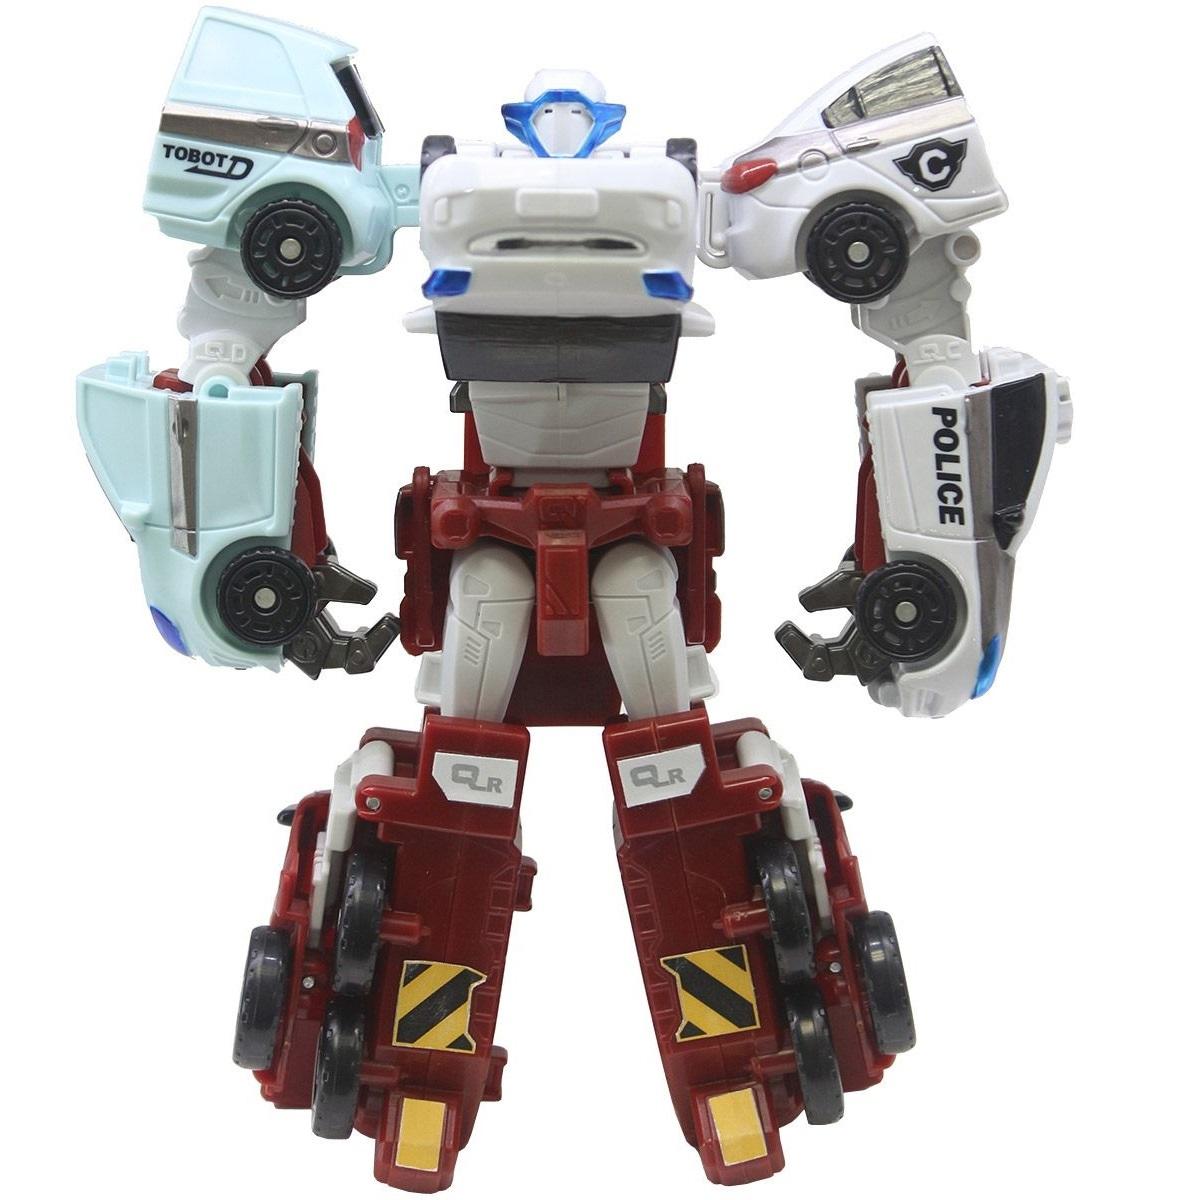 Трансформер Мини-Тобот КатранТрансформер Мини-Тобот Катран от компании Young Toys представляет собой великолепную игрушку, выполненную по мотивам знаменитого мультфильма.Изделие выглядит весьма реалистично, отличается ярким внешним видом, компактным размером, притягательным дизайном и изготовлено из надежного пластика. Этого трансформера дети смогут с легкостью превратить в четыре разнообразные транспортные средства, оснащенные крутящимися колесами с рельефными протекторами. Дополняют комплектацию этого замечательного набора красочные наклейками, которыми мальчики смогут украсить свои машины. С данным трансформером дети смогут придумывать массу захватывающих и увлекательных сюжетно-ролевых игр и весело проводить свое свободное время.<br>